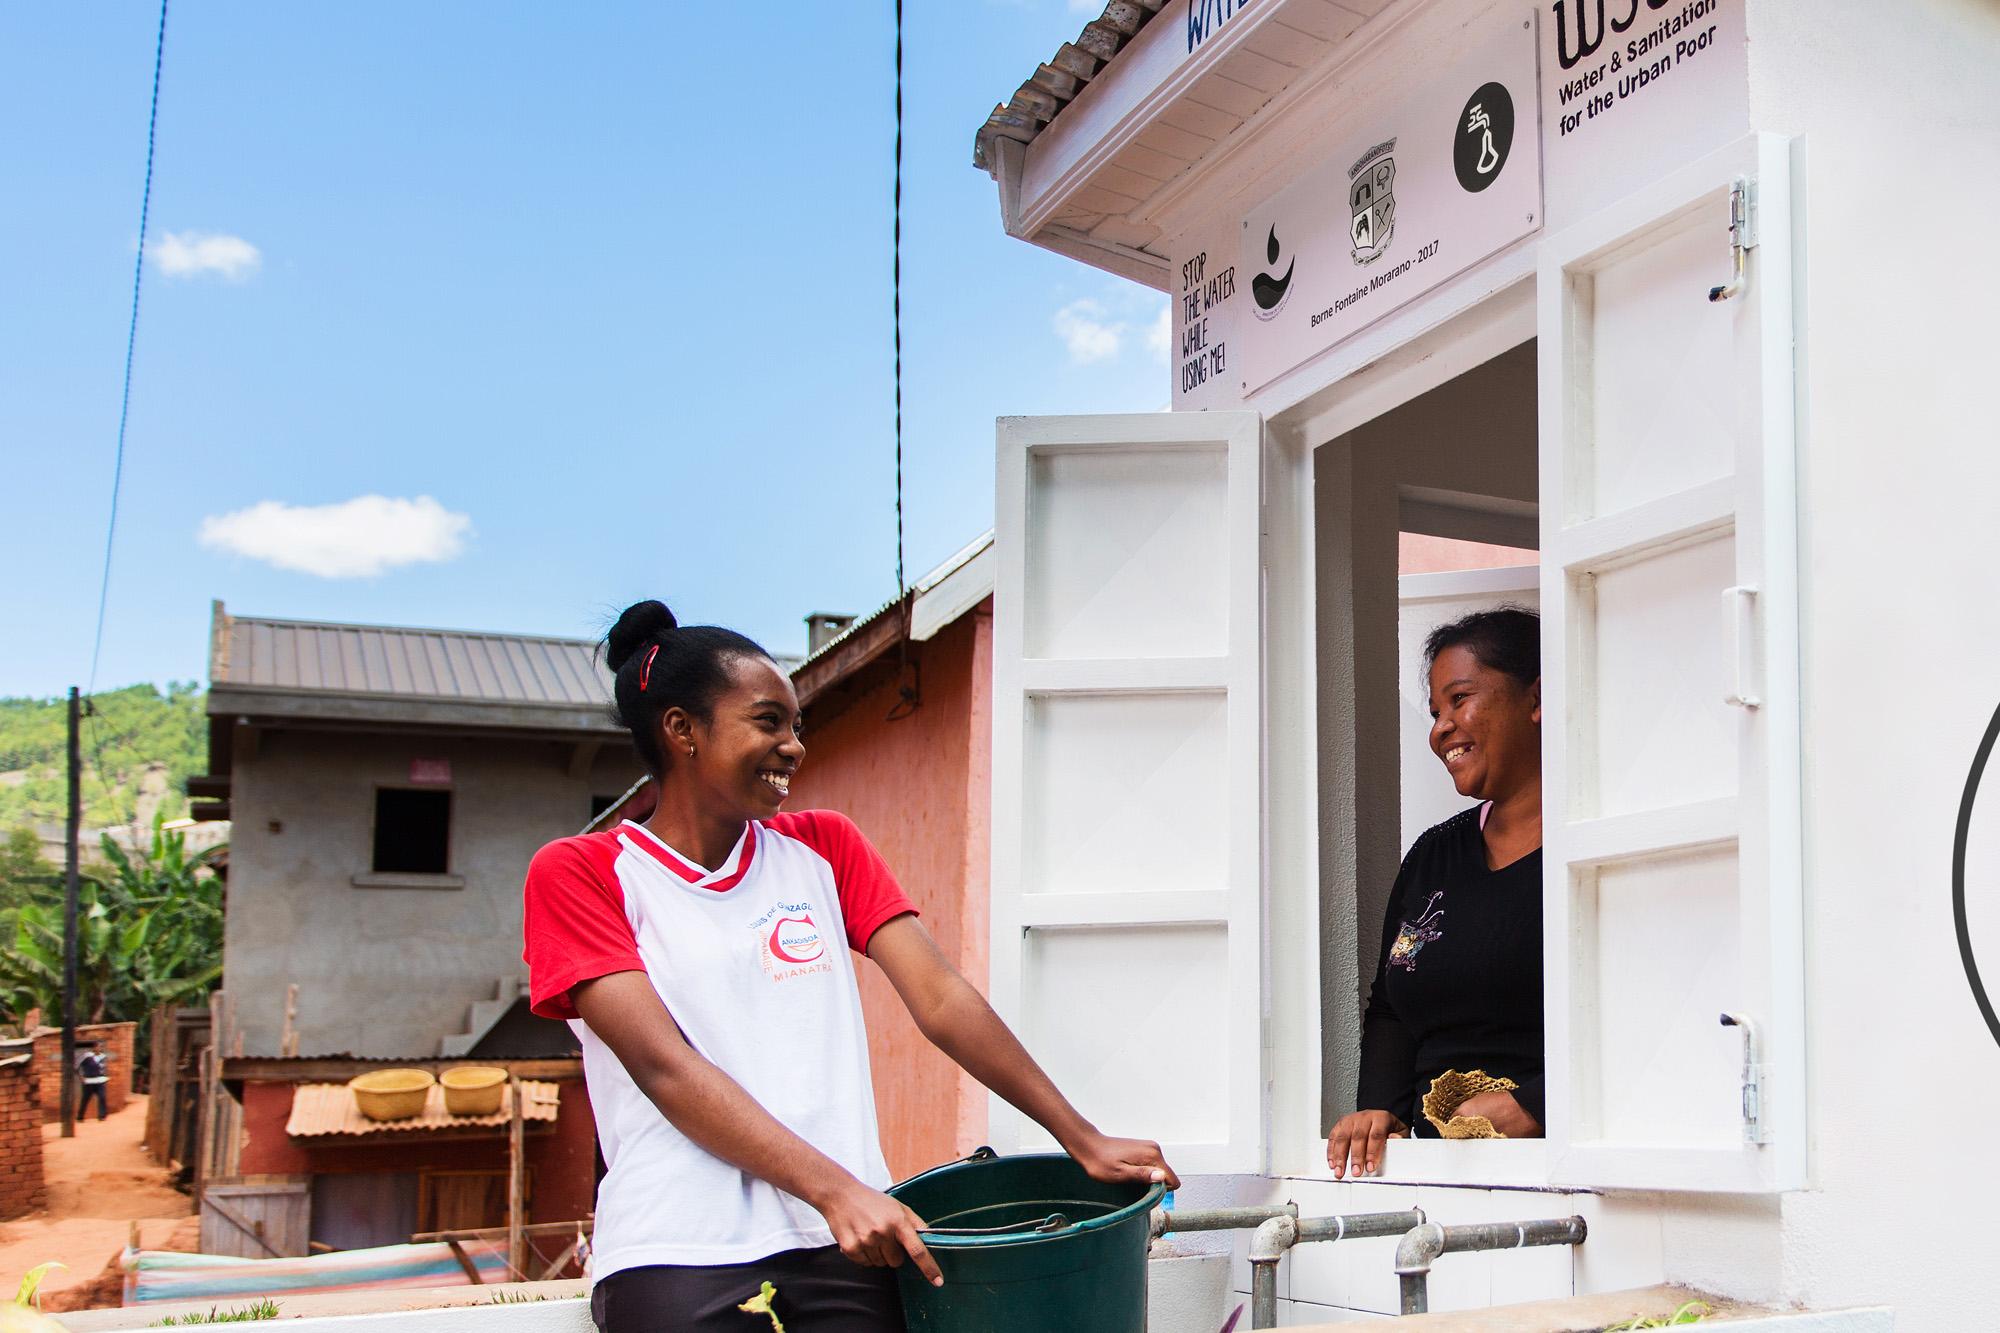 Water kiosk in Antananarivo